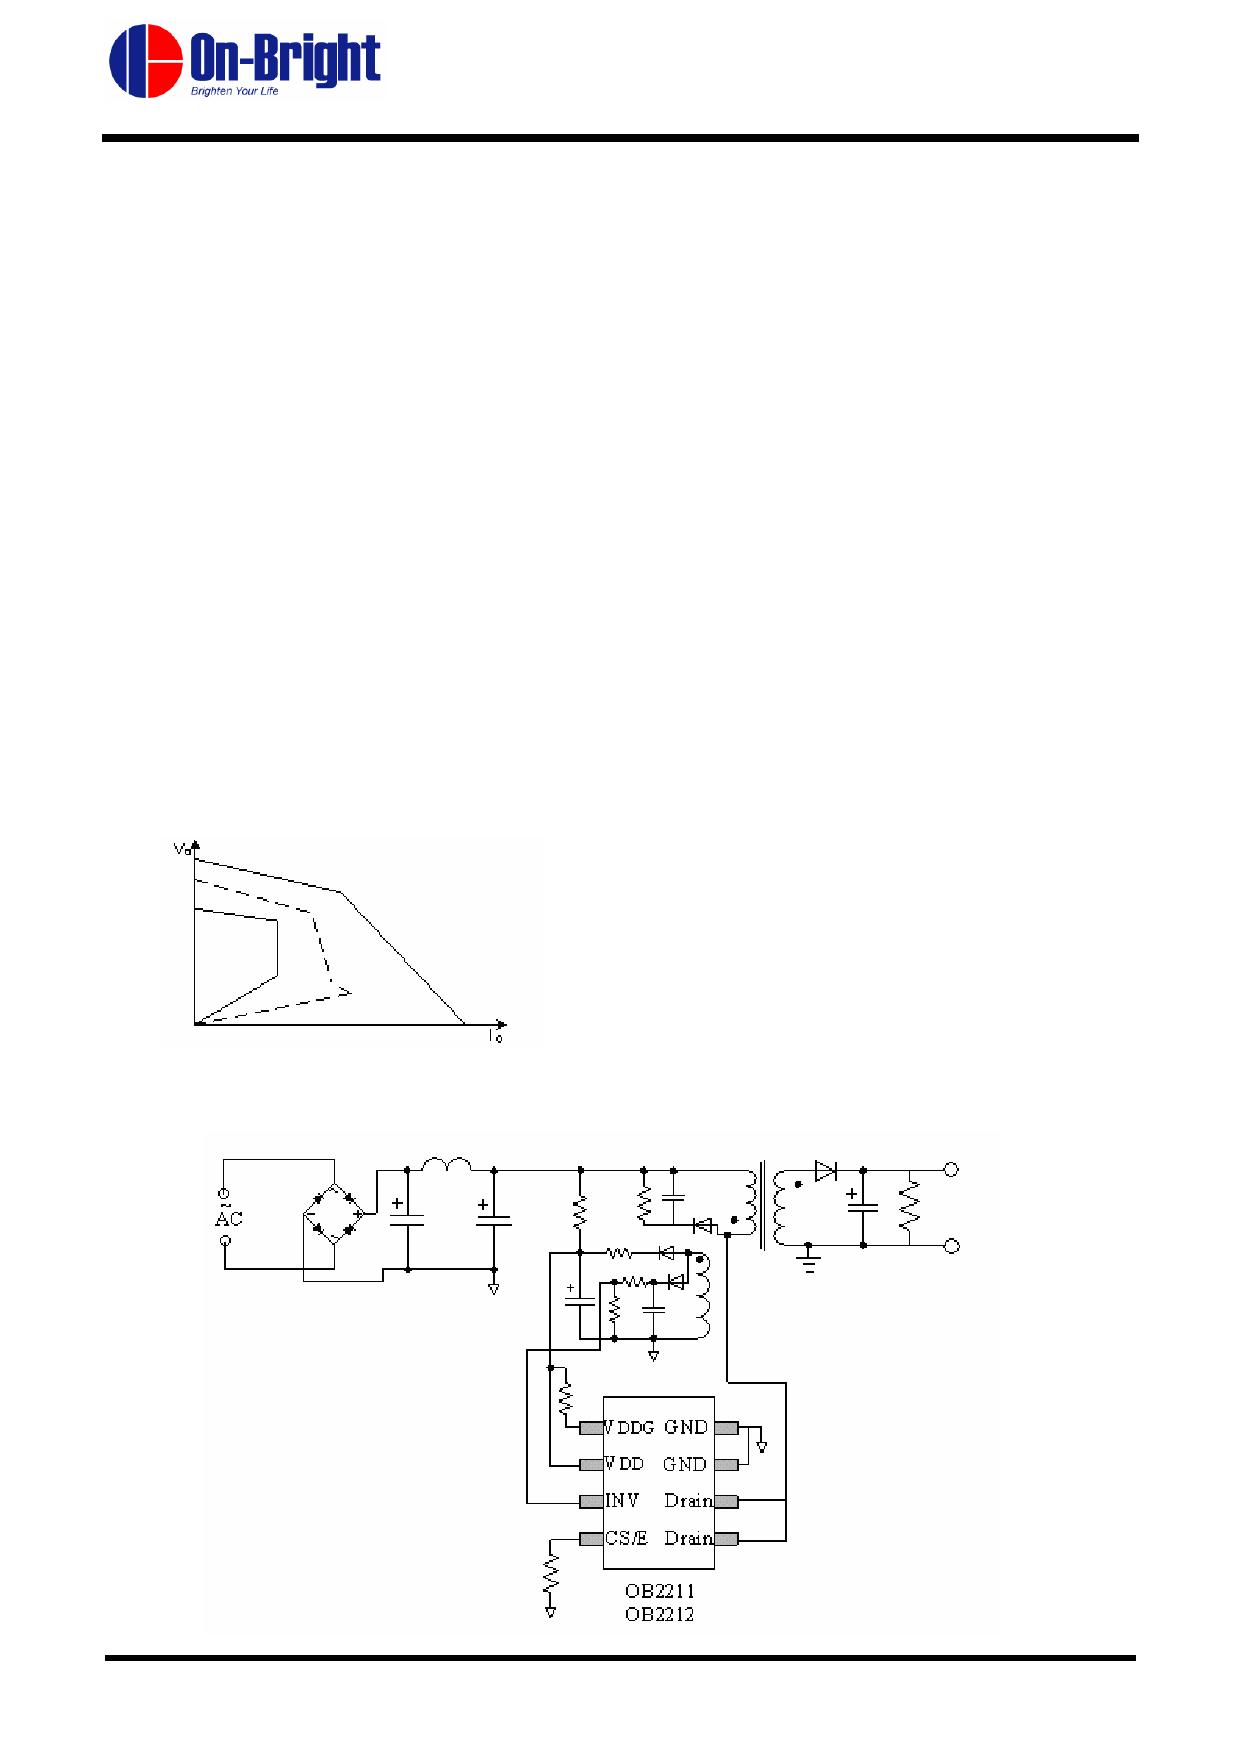 OB2212 datasheet